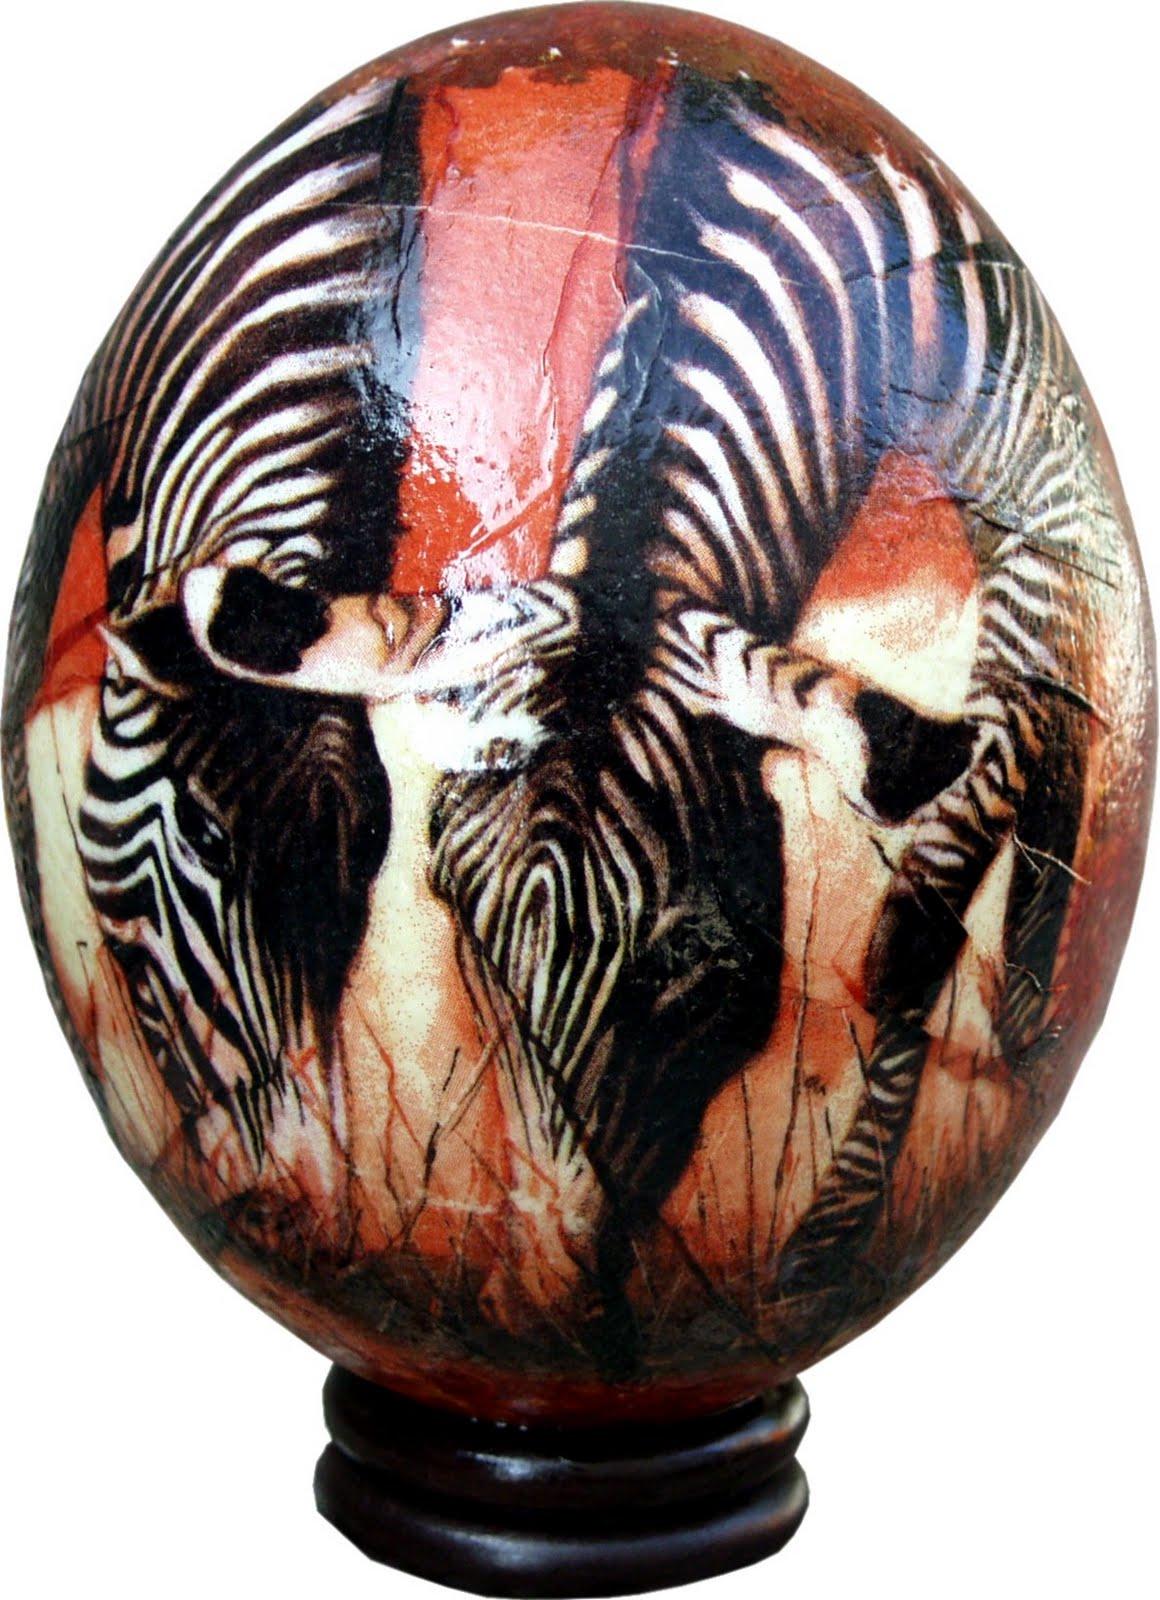 huevos de avestruz artesania